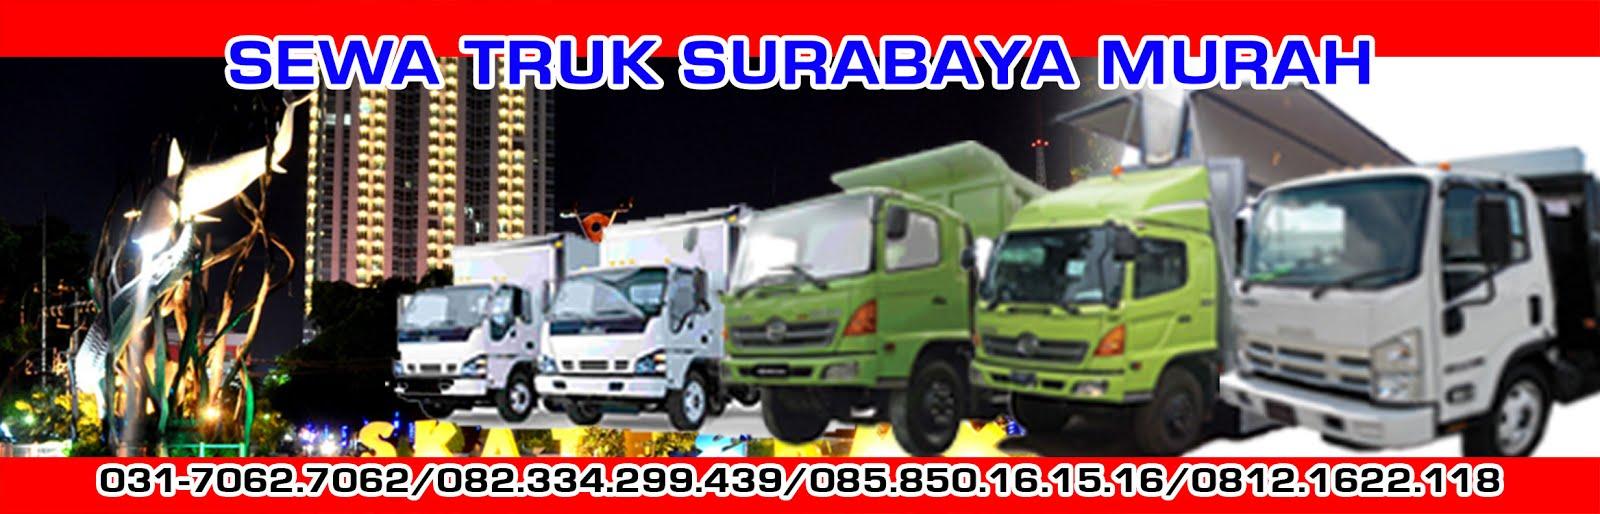 Sewa Truck Surabaya